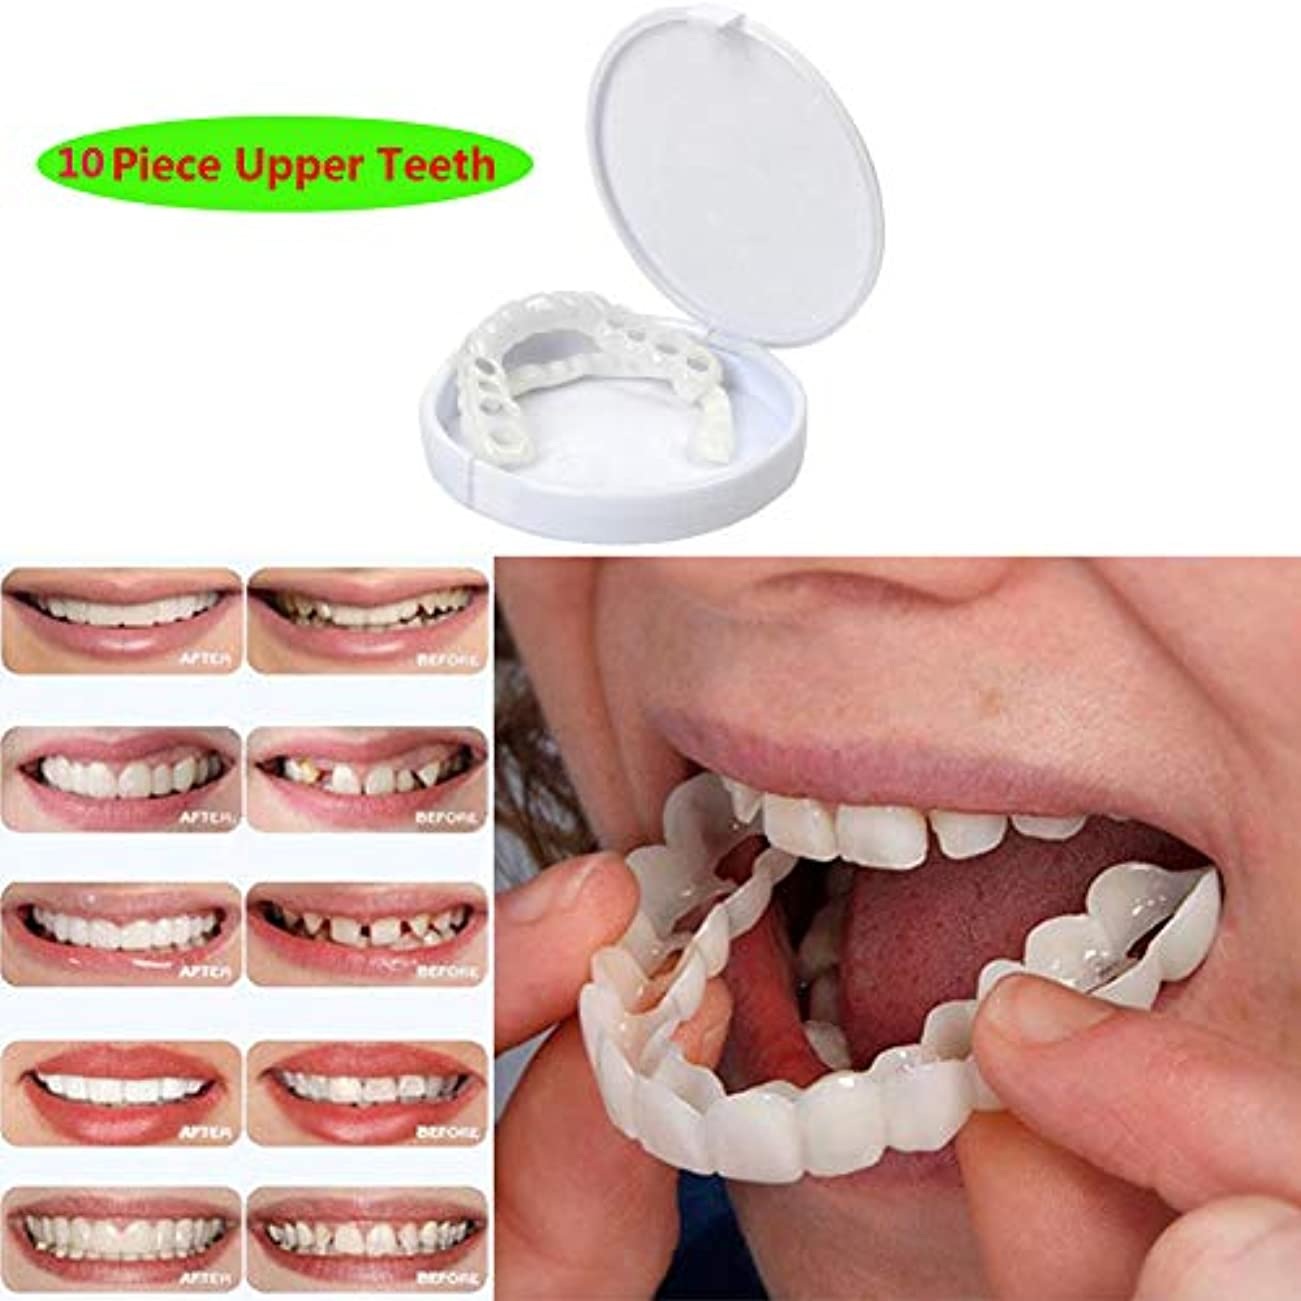 困惑するカウントアップ不完全10枚の一時的な化粧品の歯入れ歯の歯の化粧品のシミュレーションの上部の袖口、白くなる歯のスナップの帽子の即刻の慰めの柔らかい完全なベニヤ